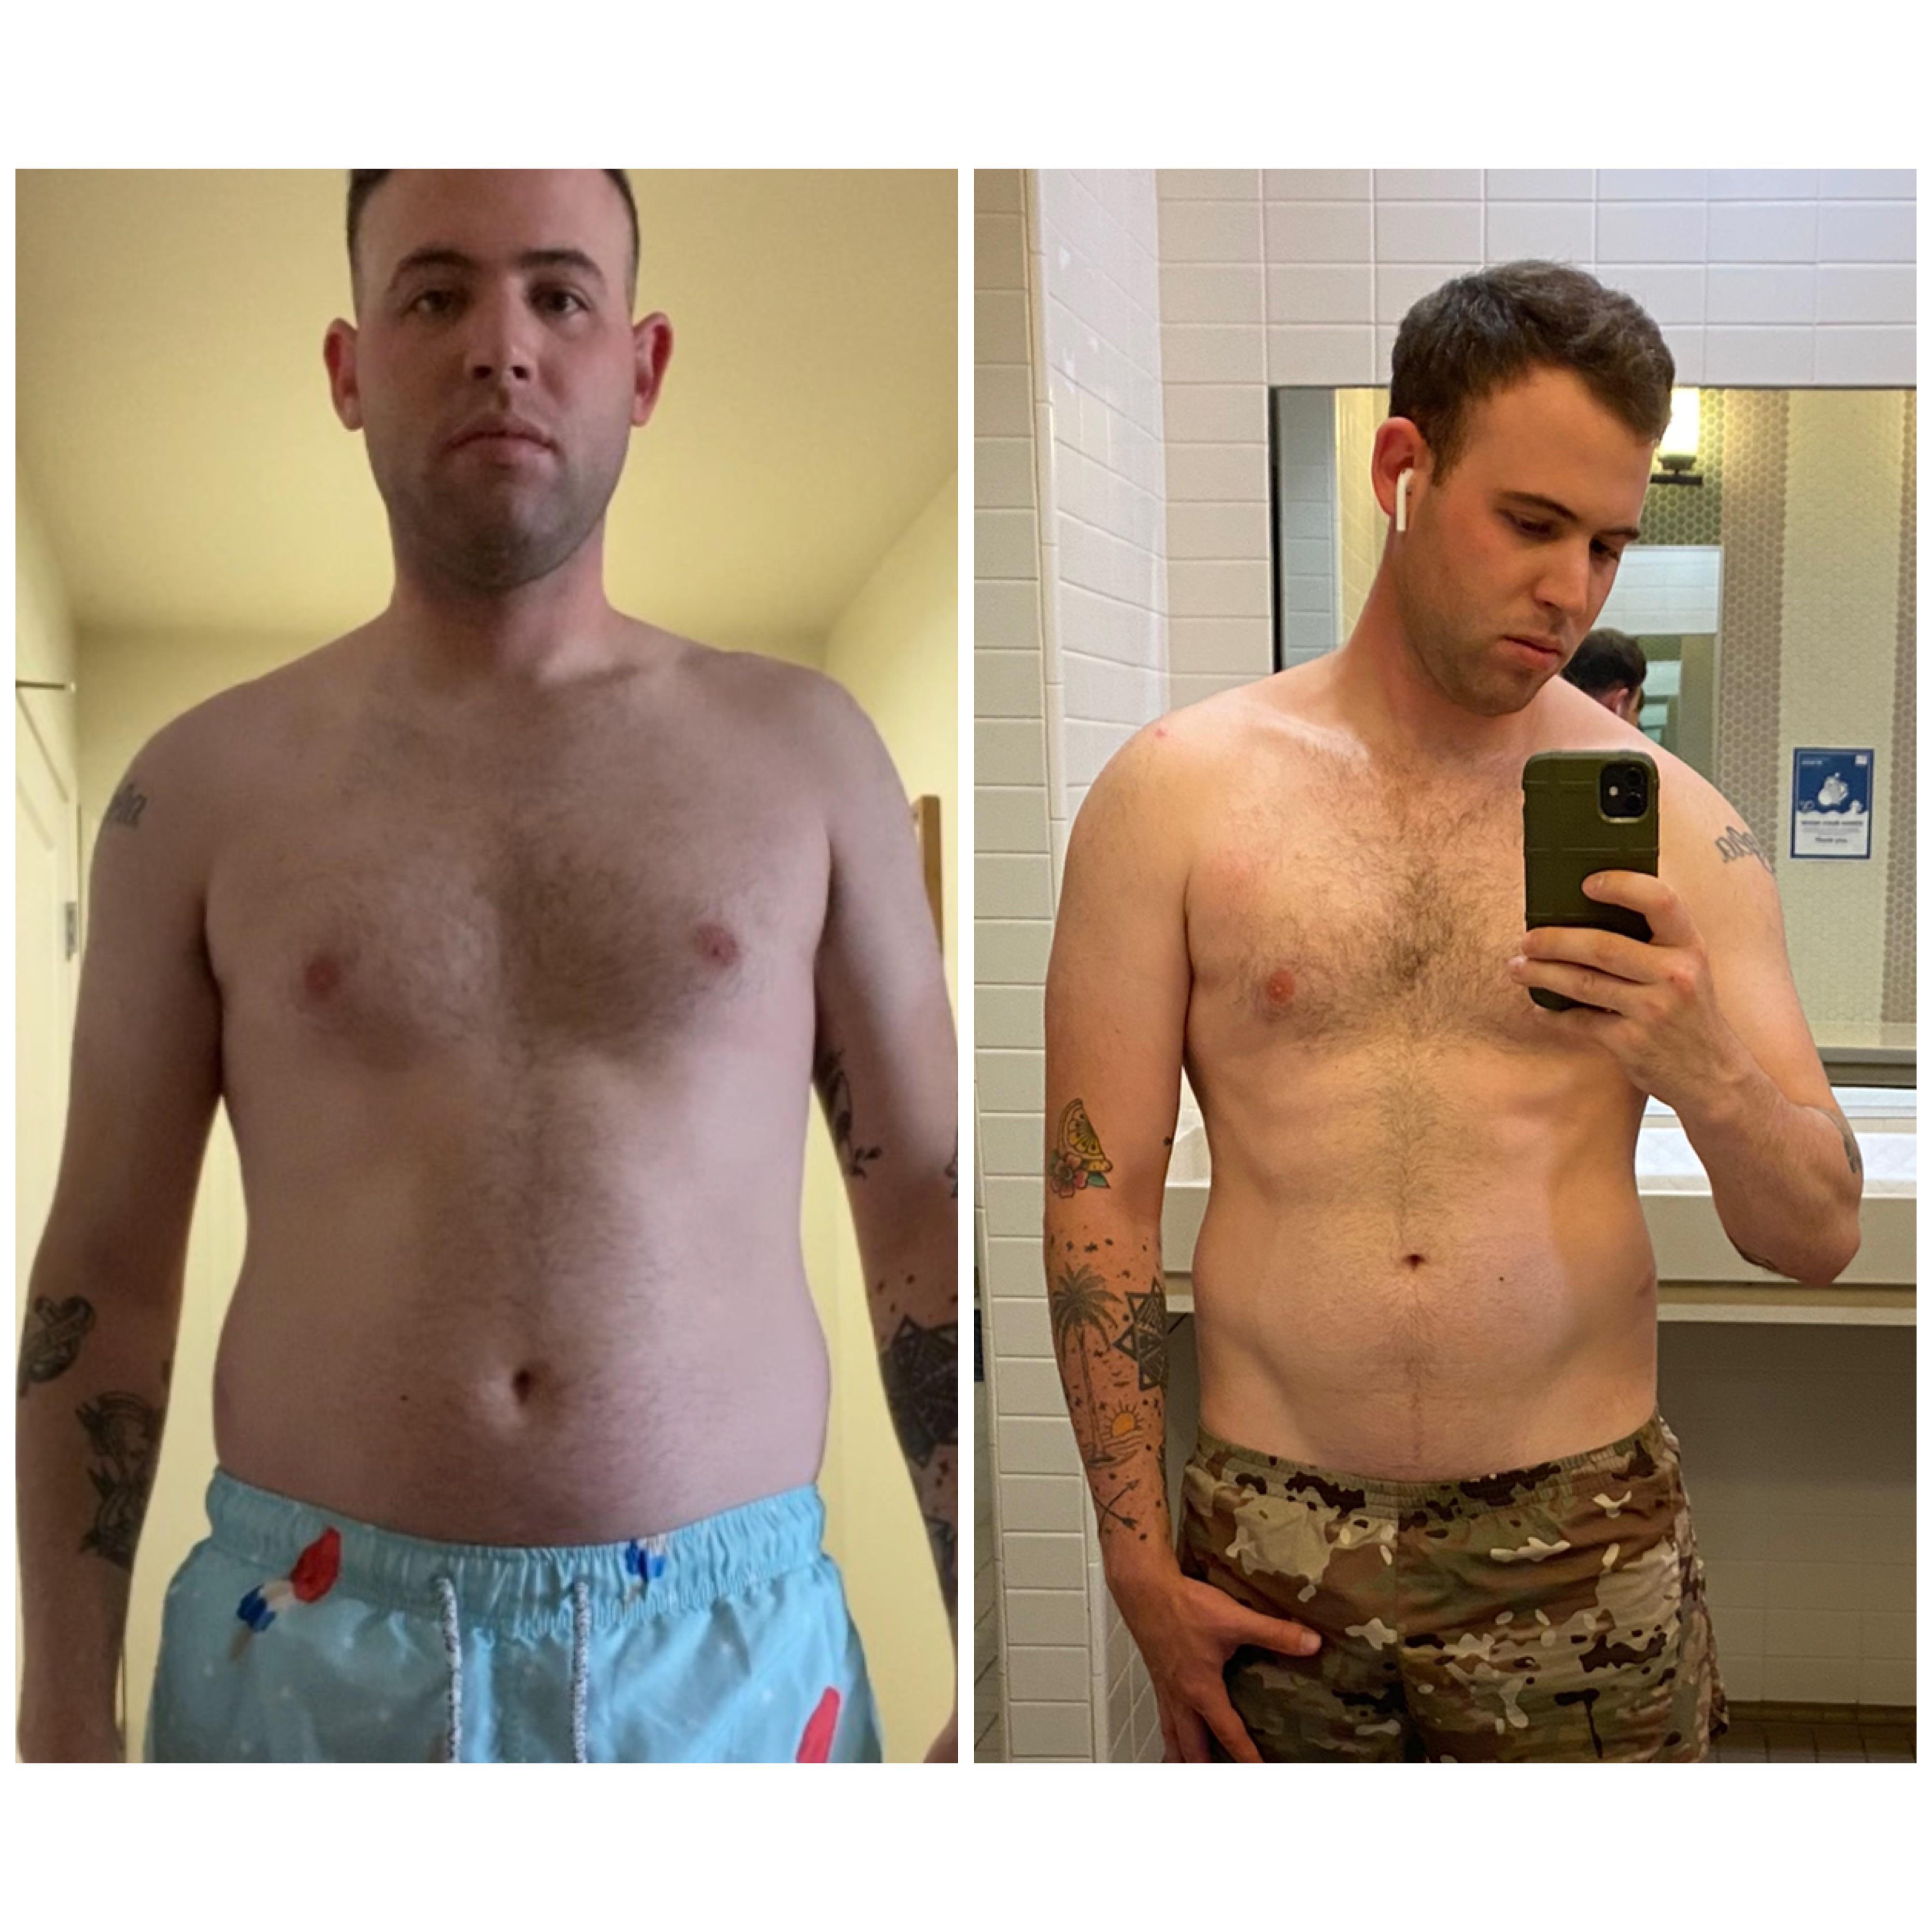 5 foot 10 Male Progress Pics of 6 lbs Fat Loss 186 lbs to 180 lbs